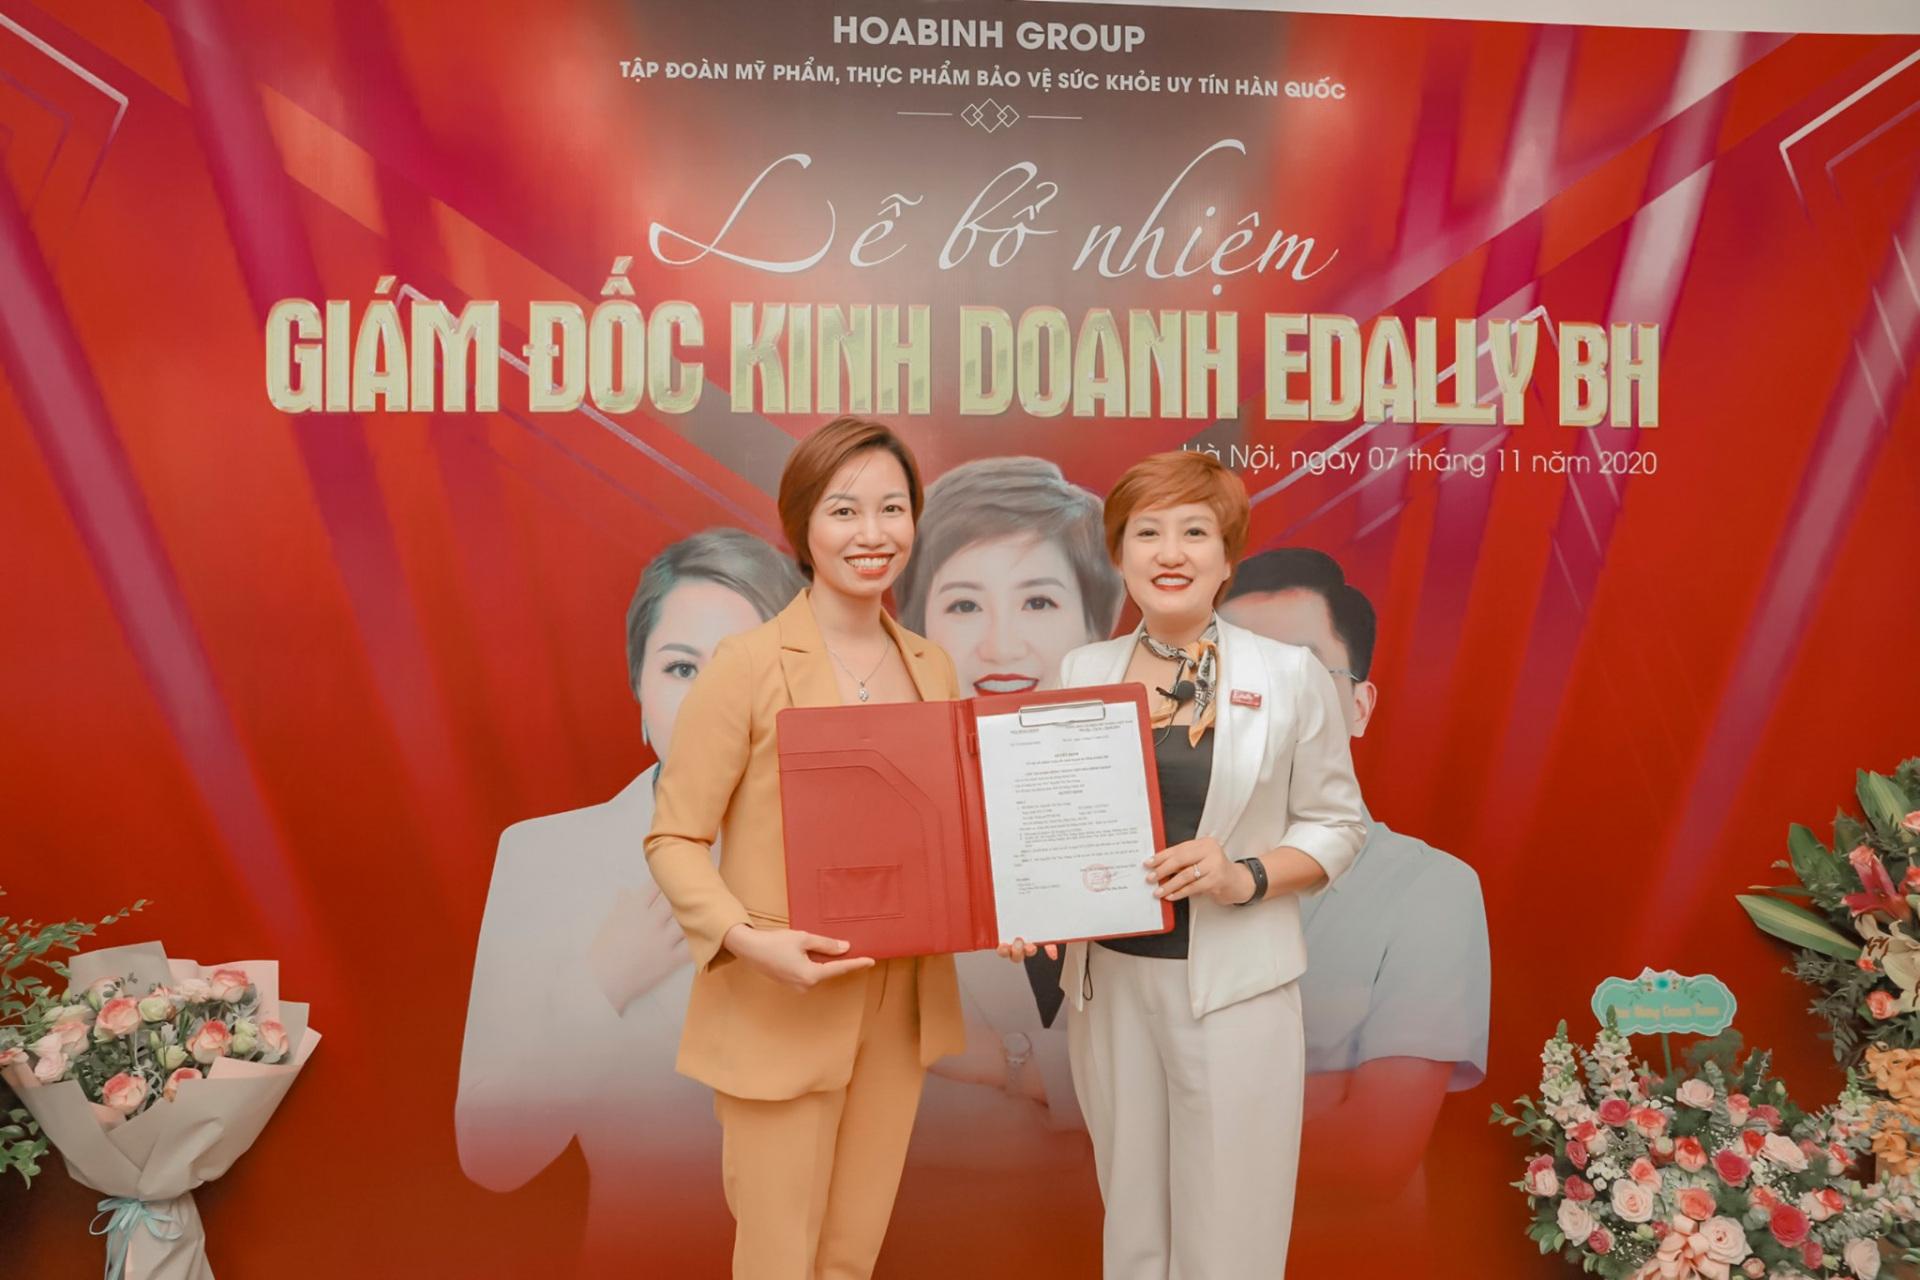 Chủ tịch Nguyễn Huyền trao chứng nhận giám đốc kinh doanh cho chị Nguyễn Thu Trang